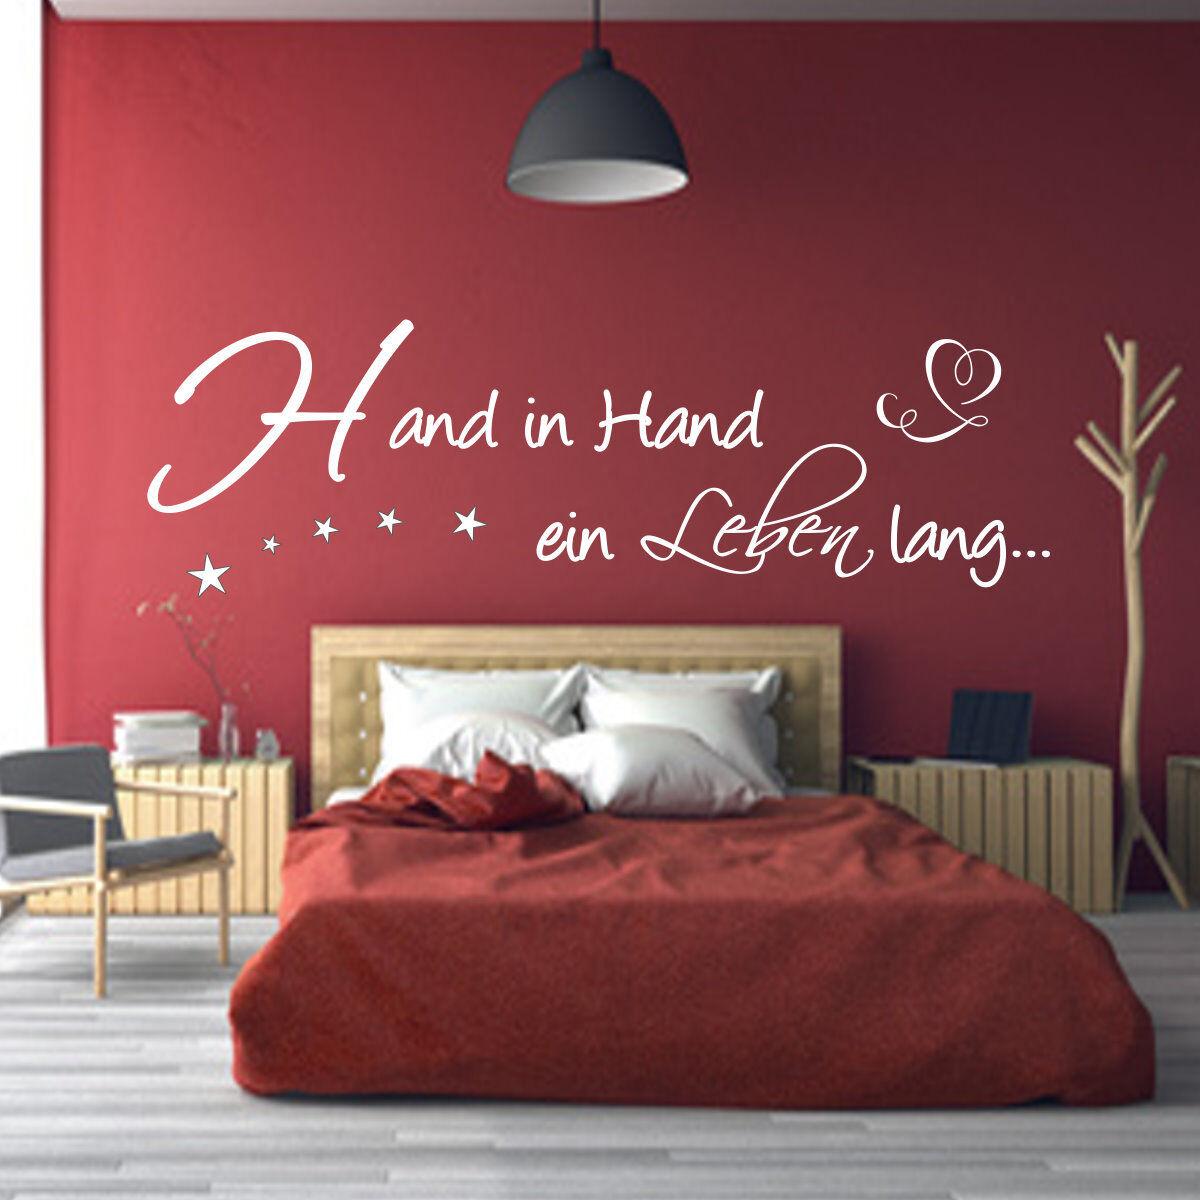 Wandtattoo AA101 Schlafzimmer  Hand in Hand... Spruch Hochzeit Wandaufkleber